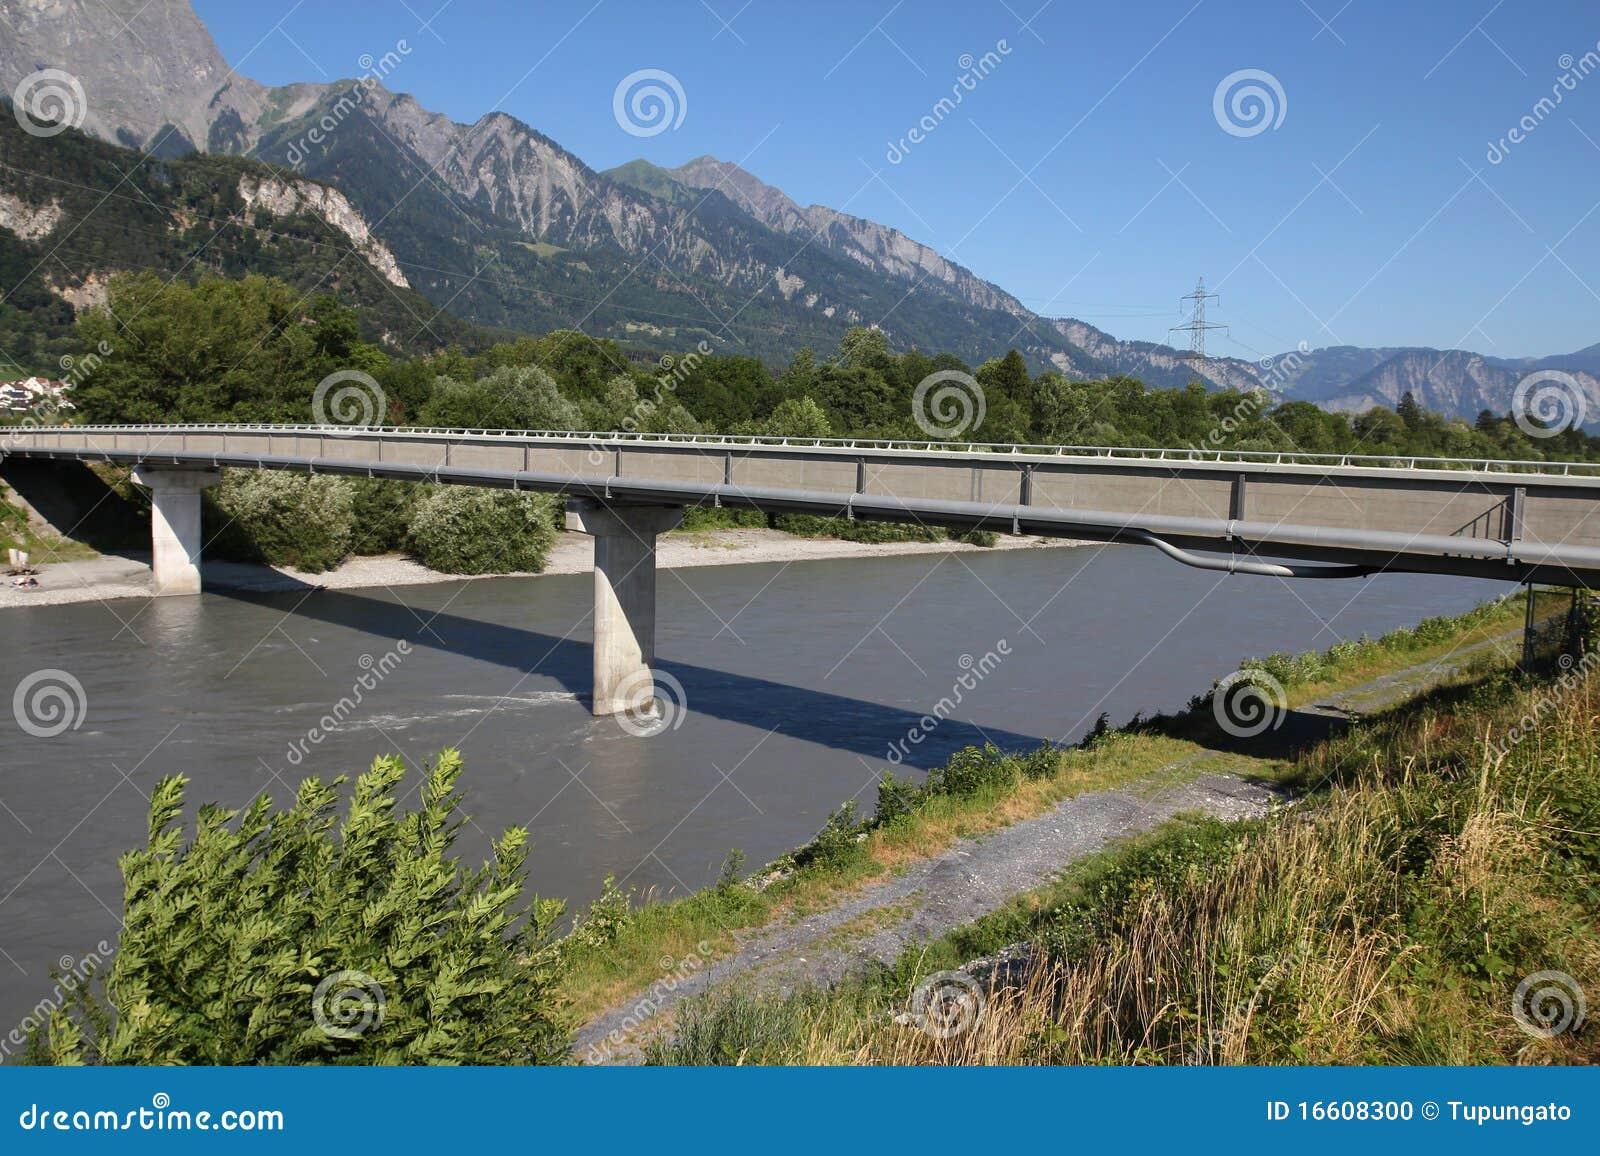 Voetgangersbrug over de rivier van rijn in zwitserland. het landschap